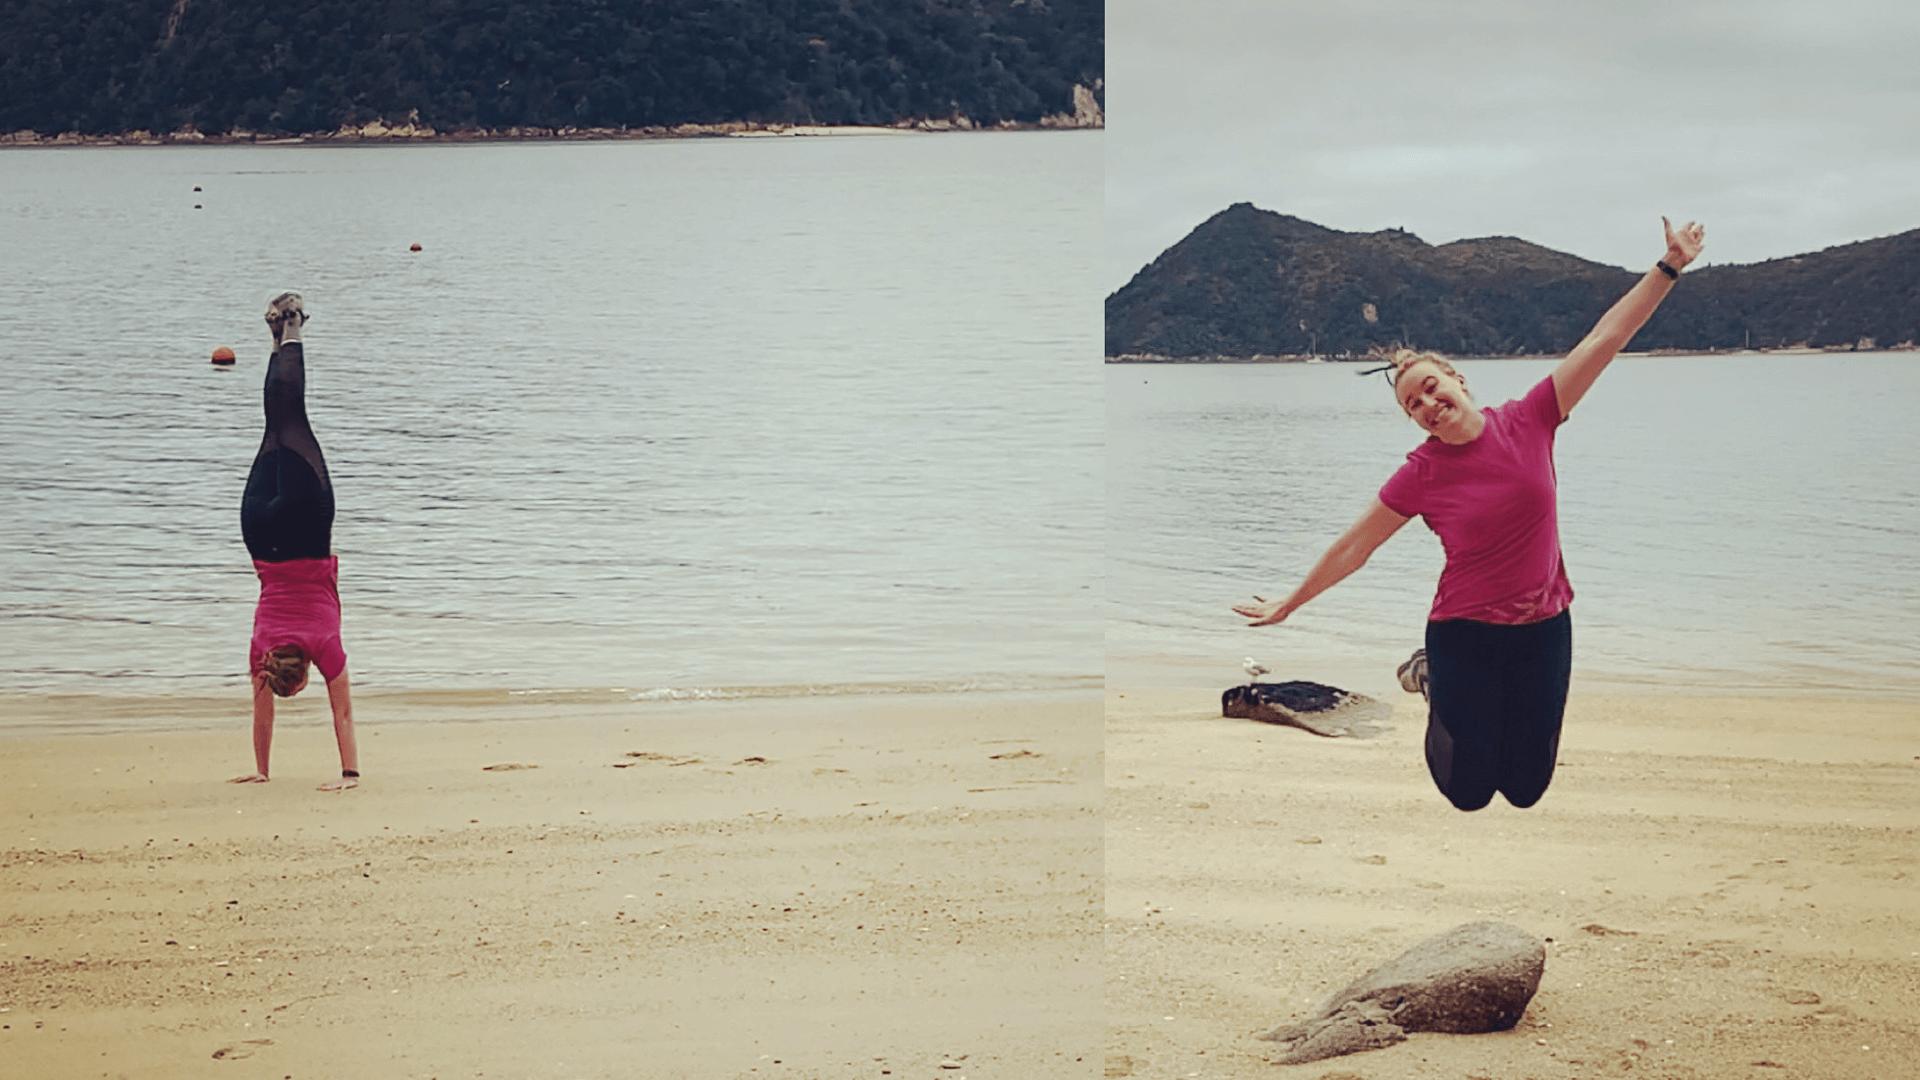 mat_kat at the beach doing gymnastics